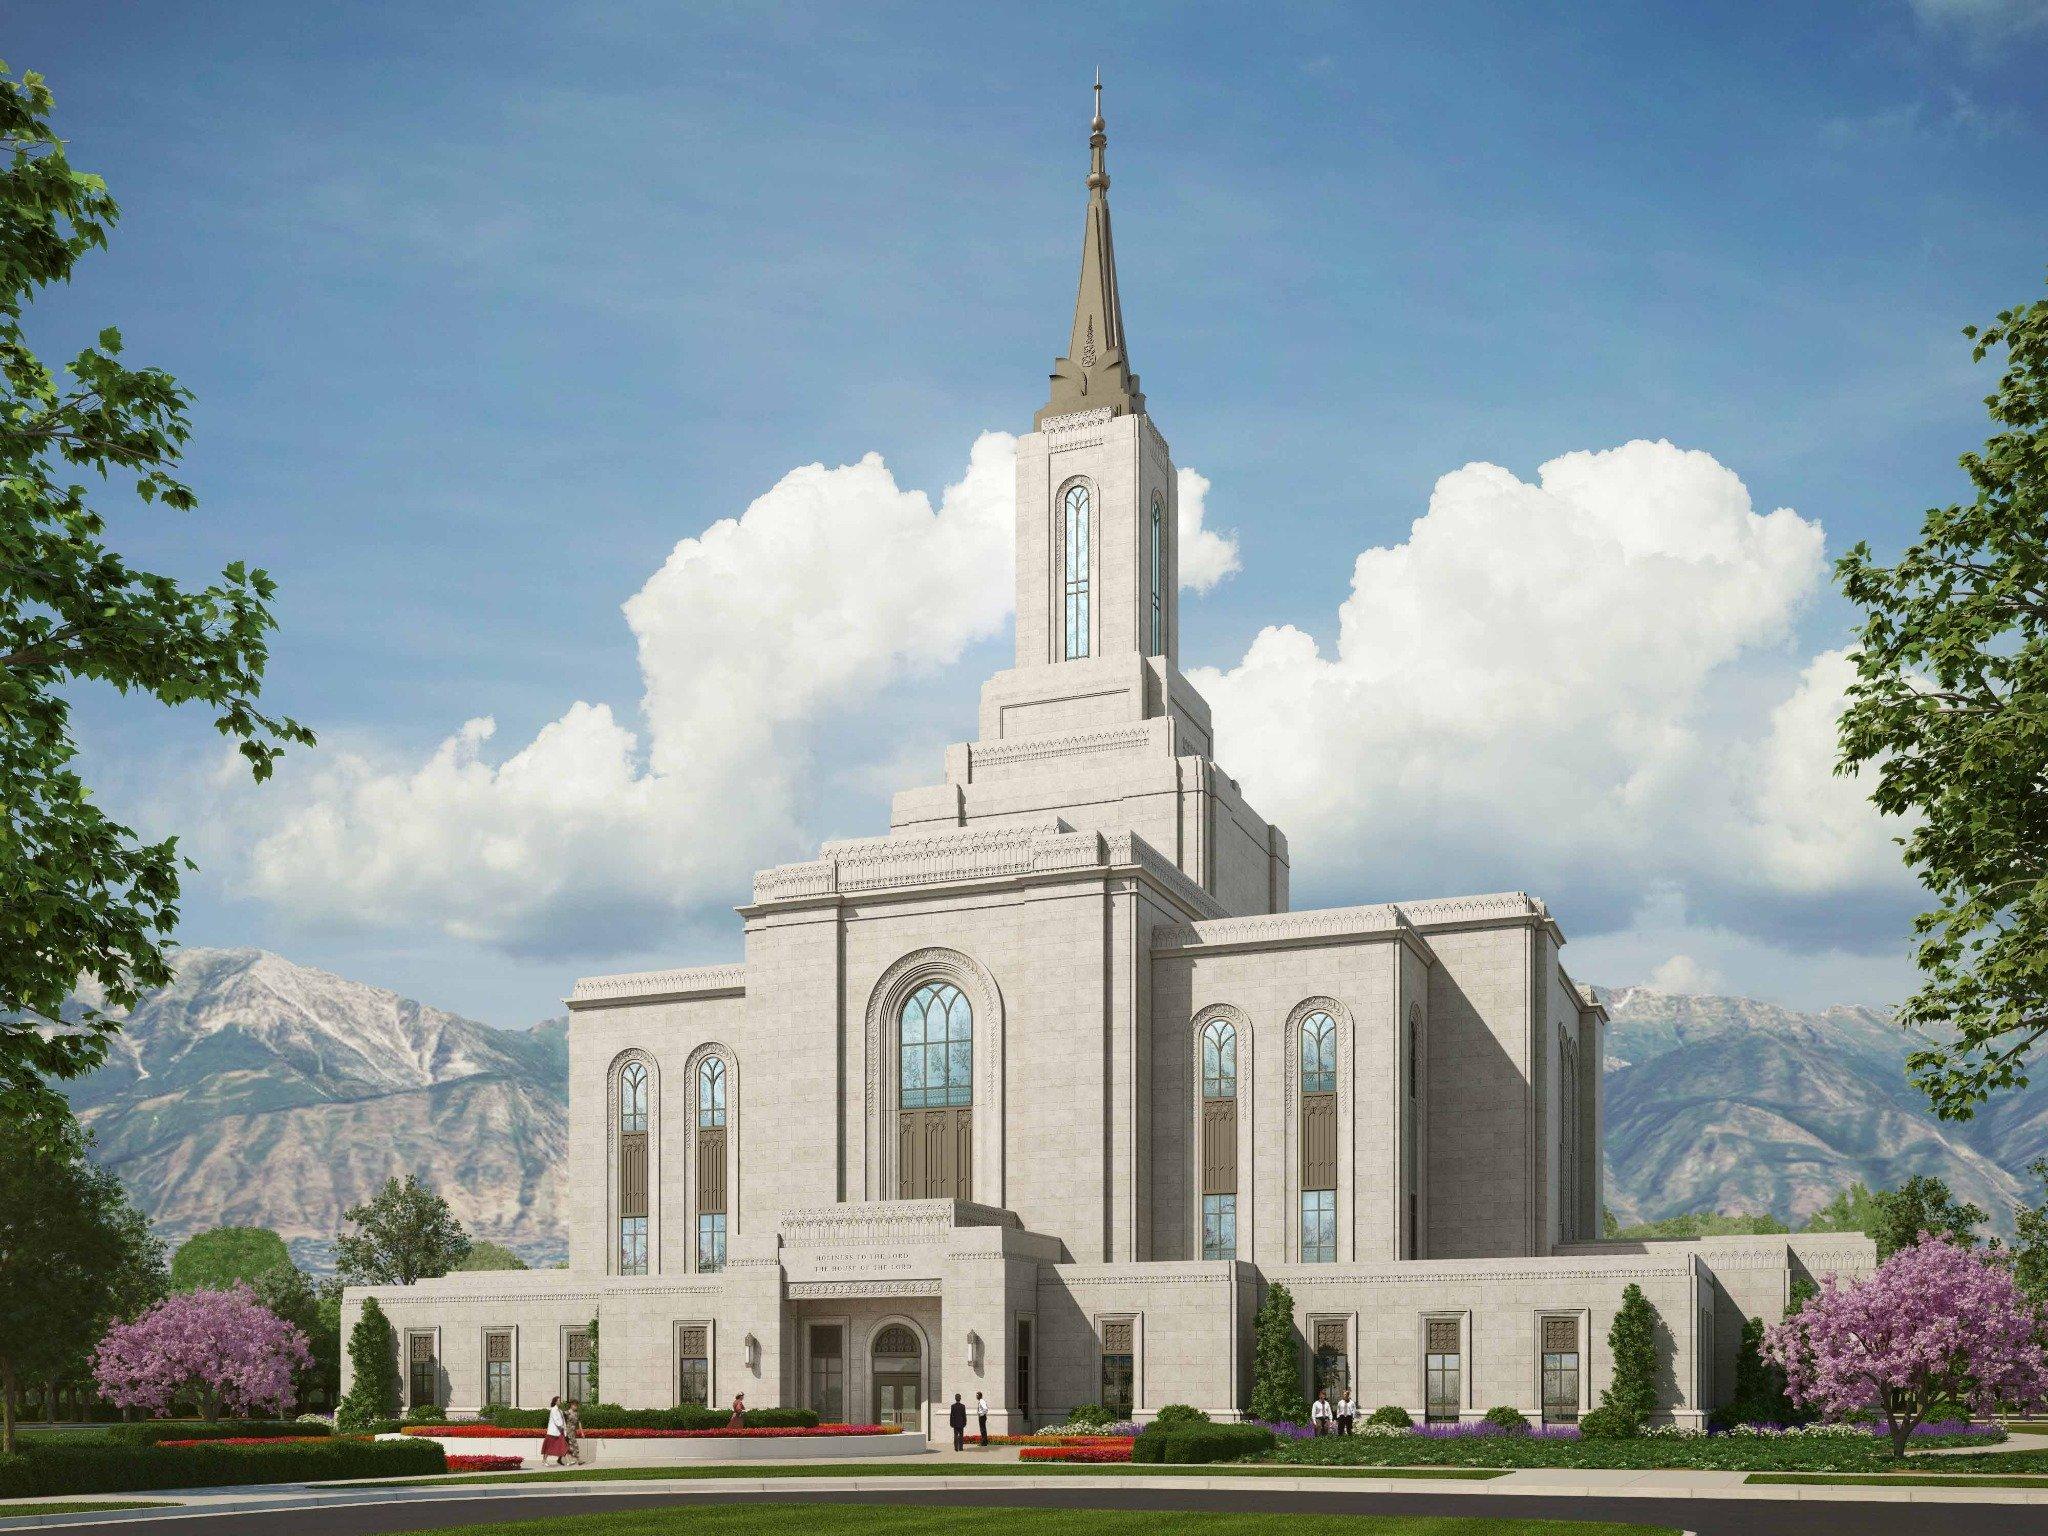 Rendering or the Orem Utah Temple | Intellectual Reserve